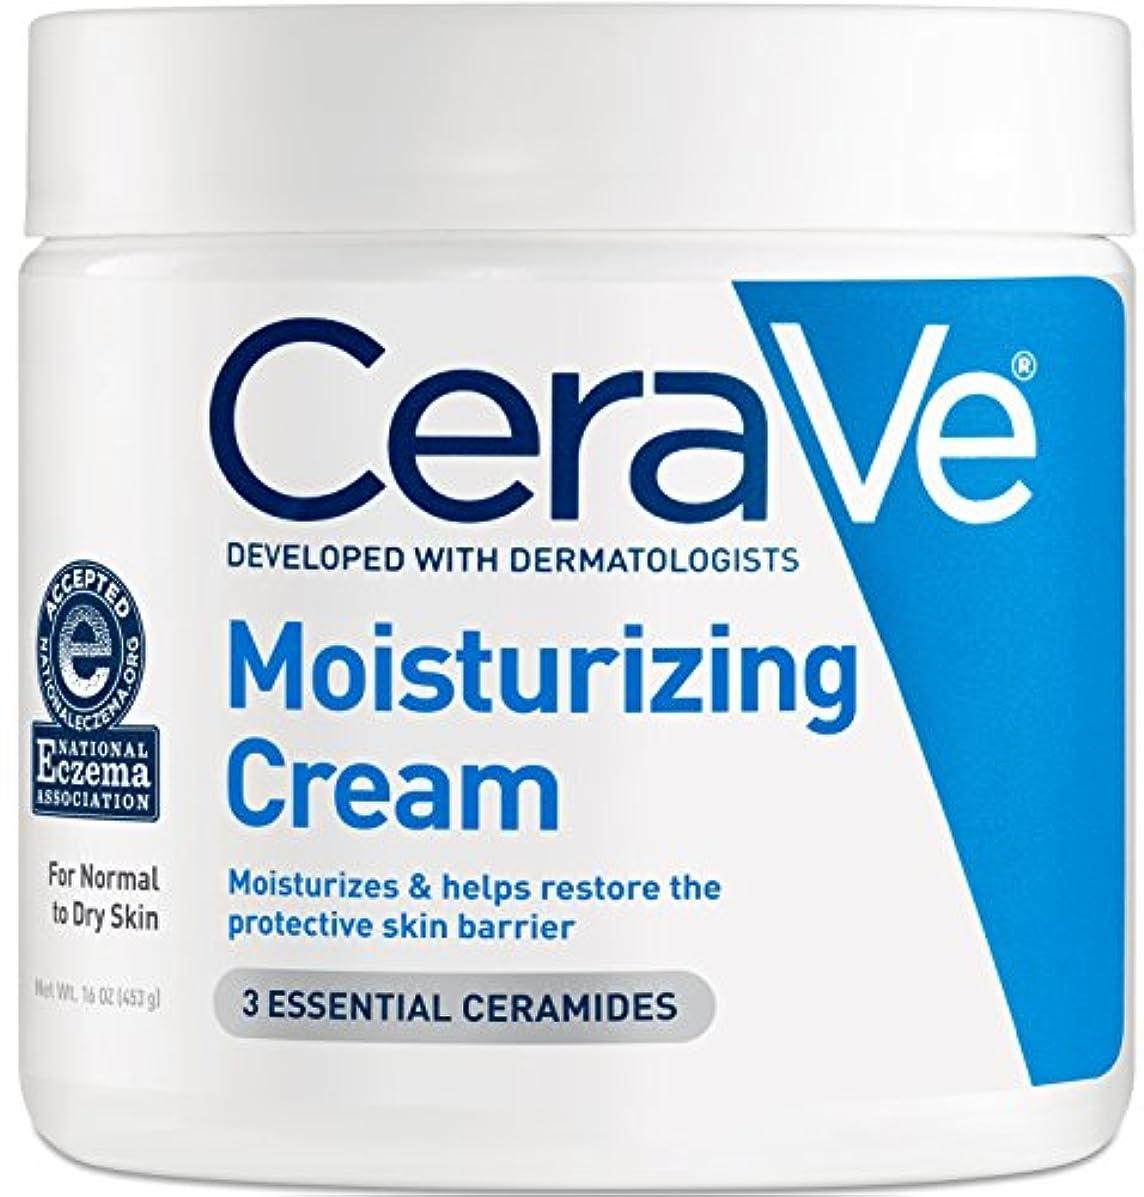 凝視手がかり立方体海外直送品Cerave Cerave Moisturizing Cream, 16 oz